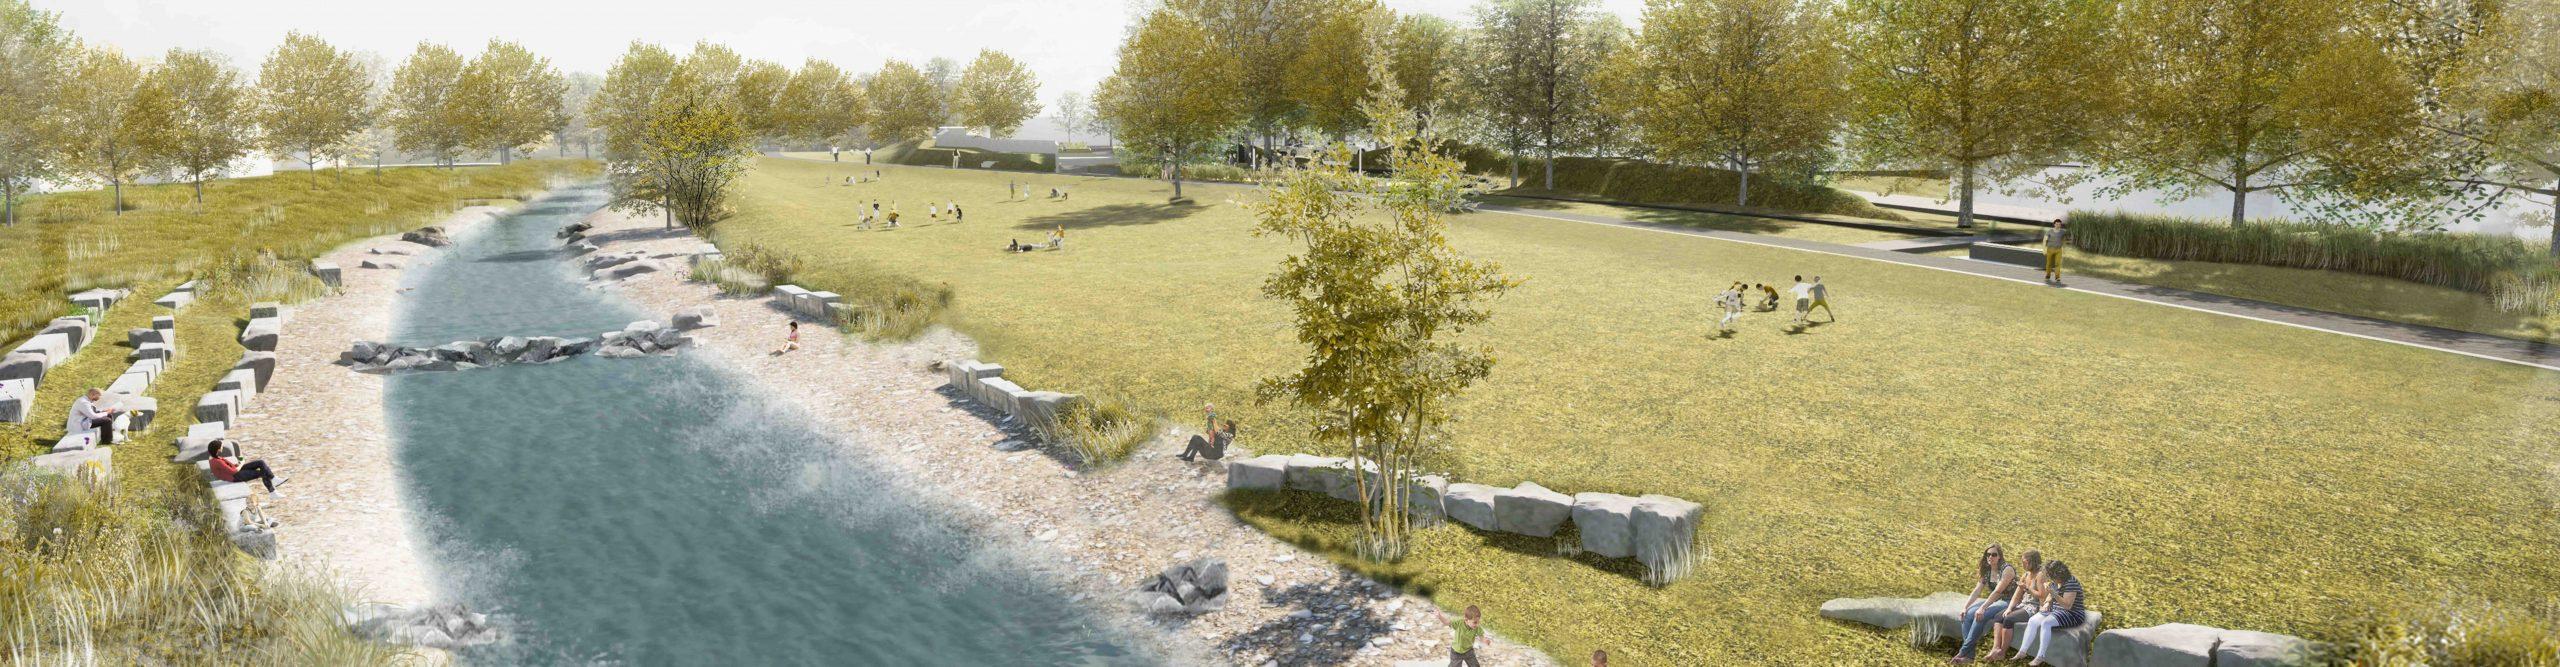 Zeichnung von einer Wiese, die am Fluss entlang führt.